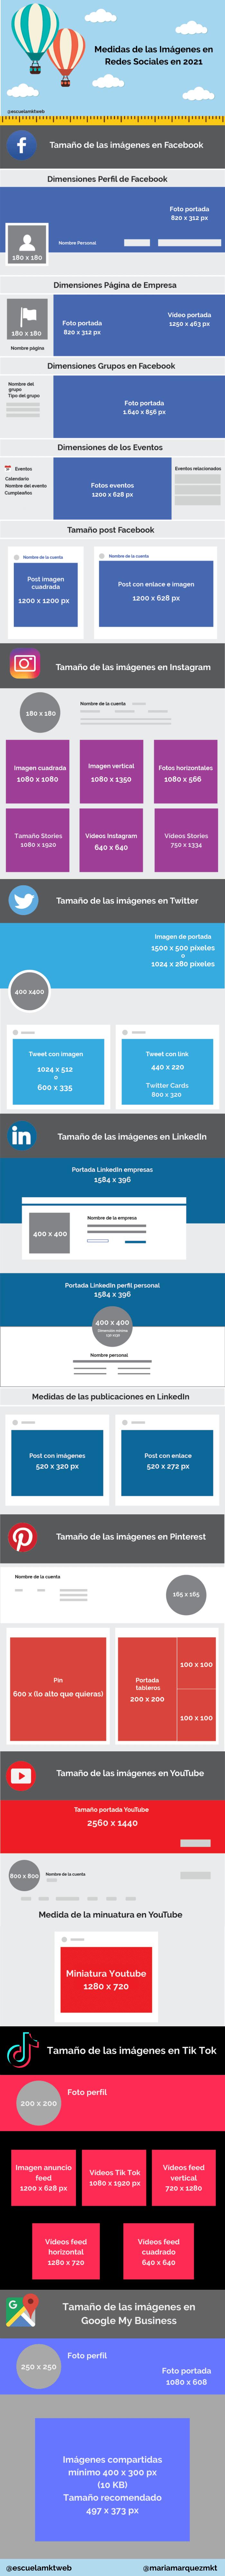 infografia tamaño de las imagenes en redes sociales